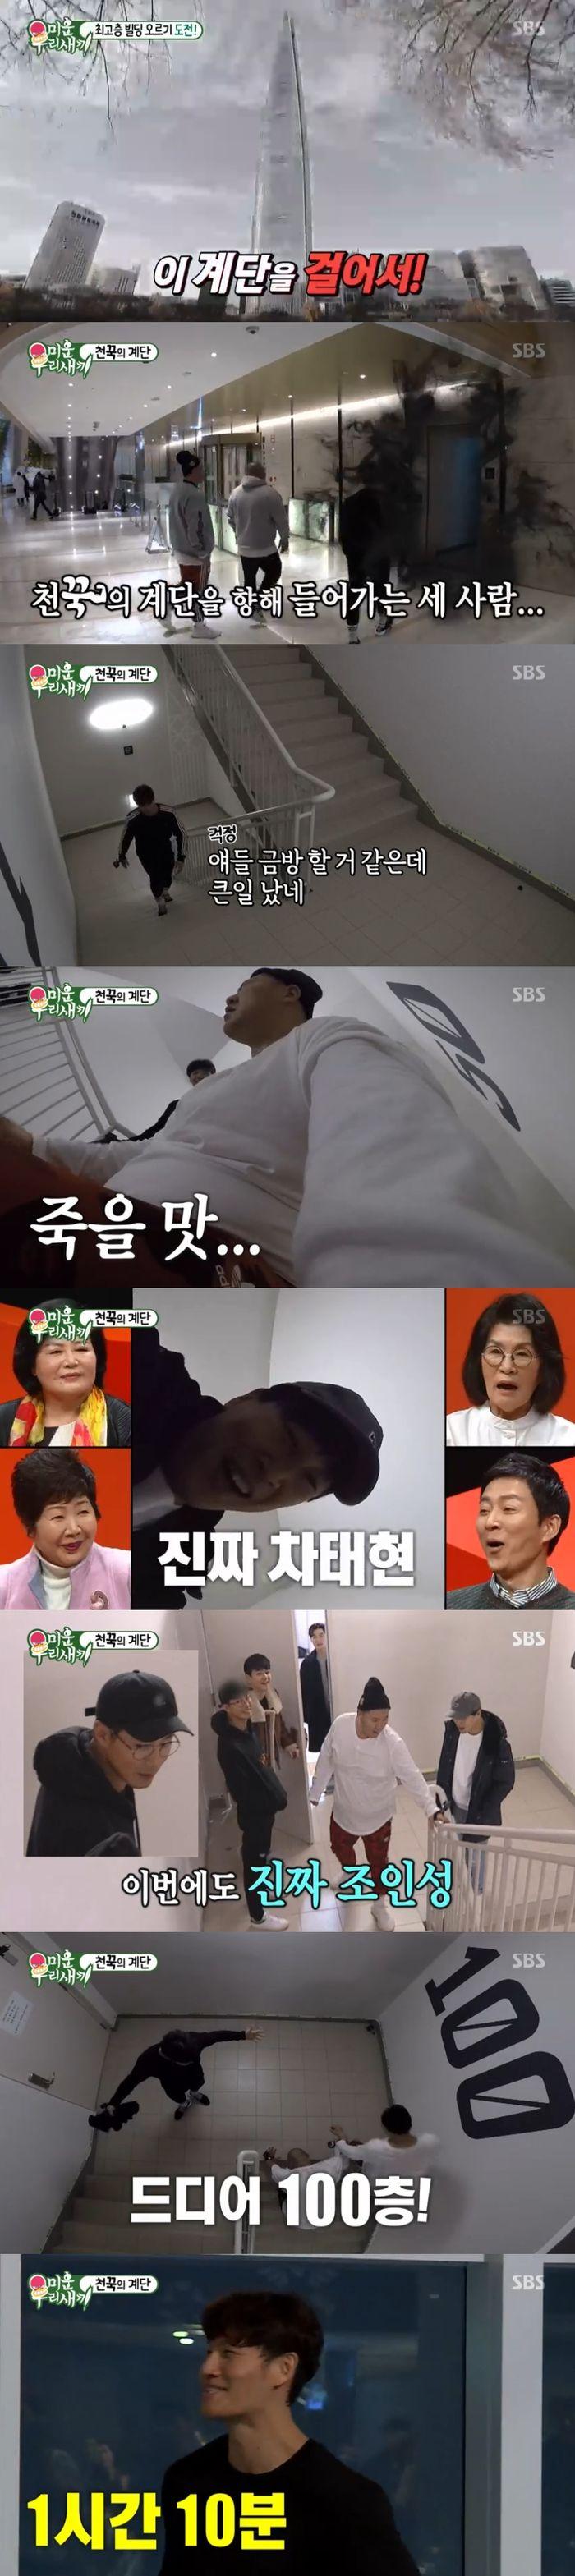 [스브스夜] '미우새' 김종국, 118층 계단오르기 성공…차태현X조인성X임주환 갑툭튀 등장  기본이미지